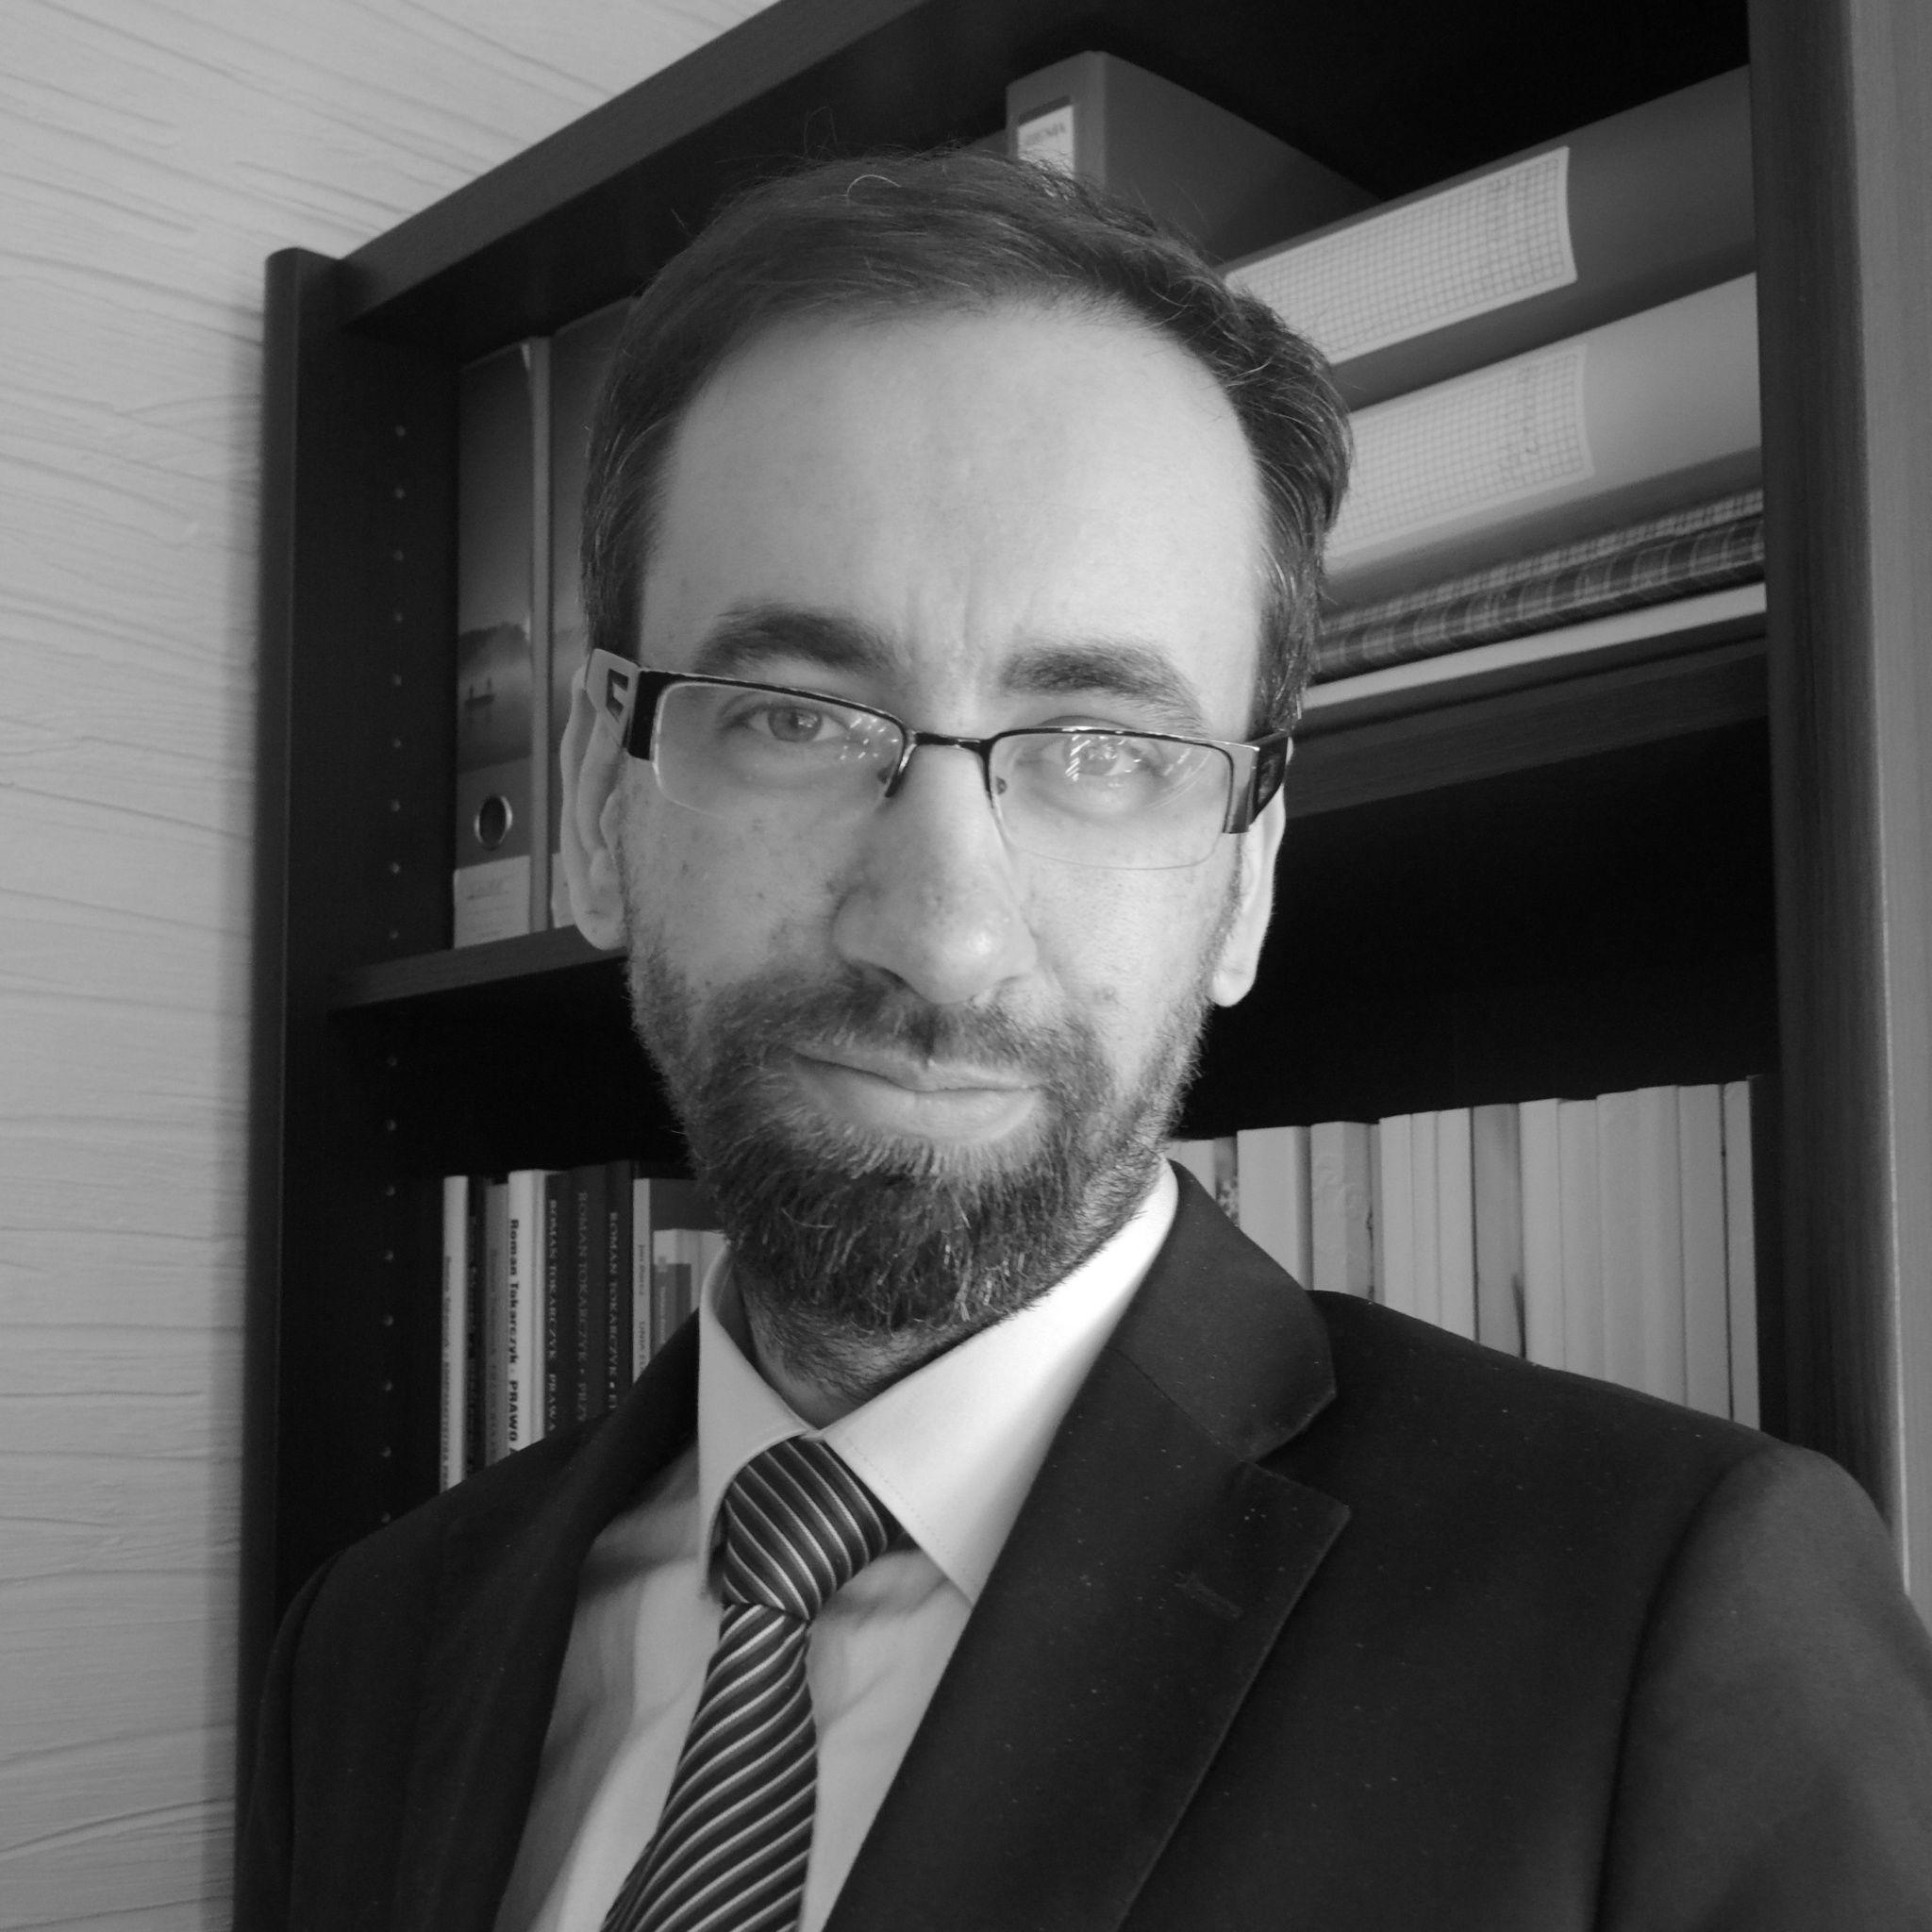 Maciej Sokołowski